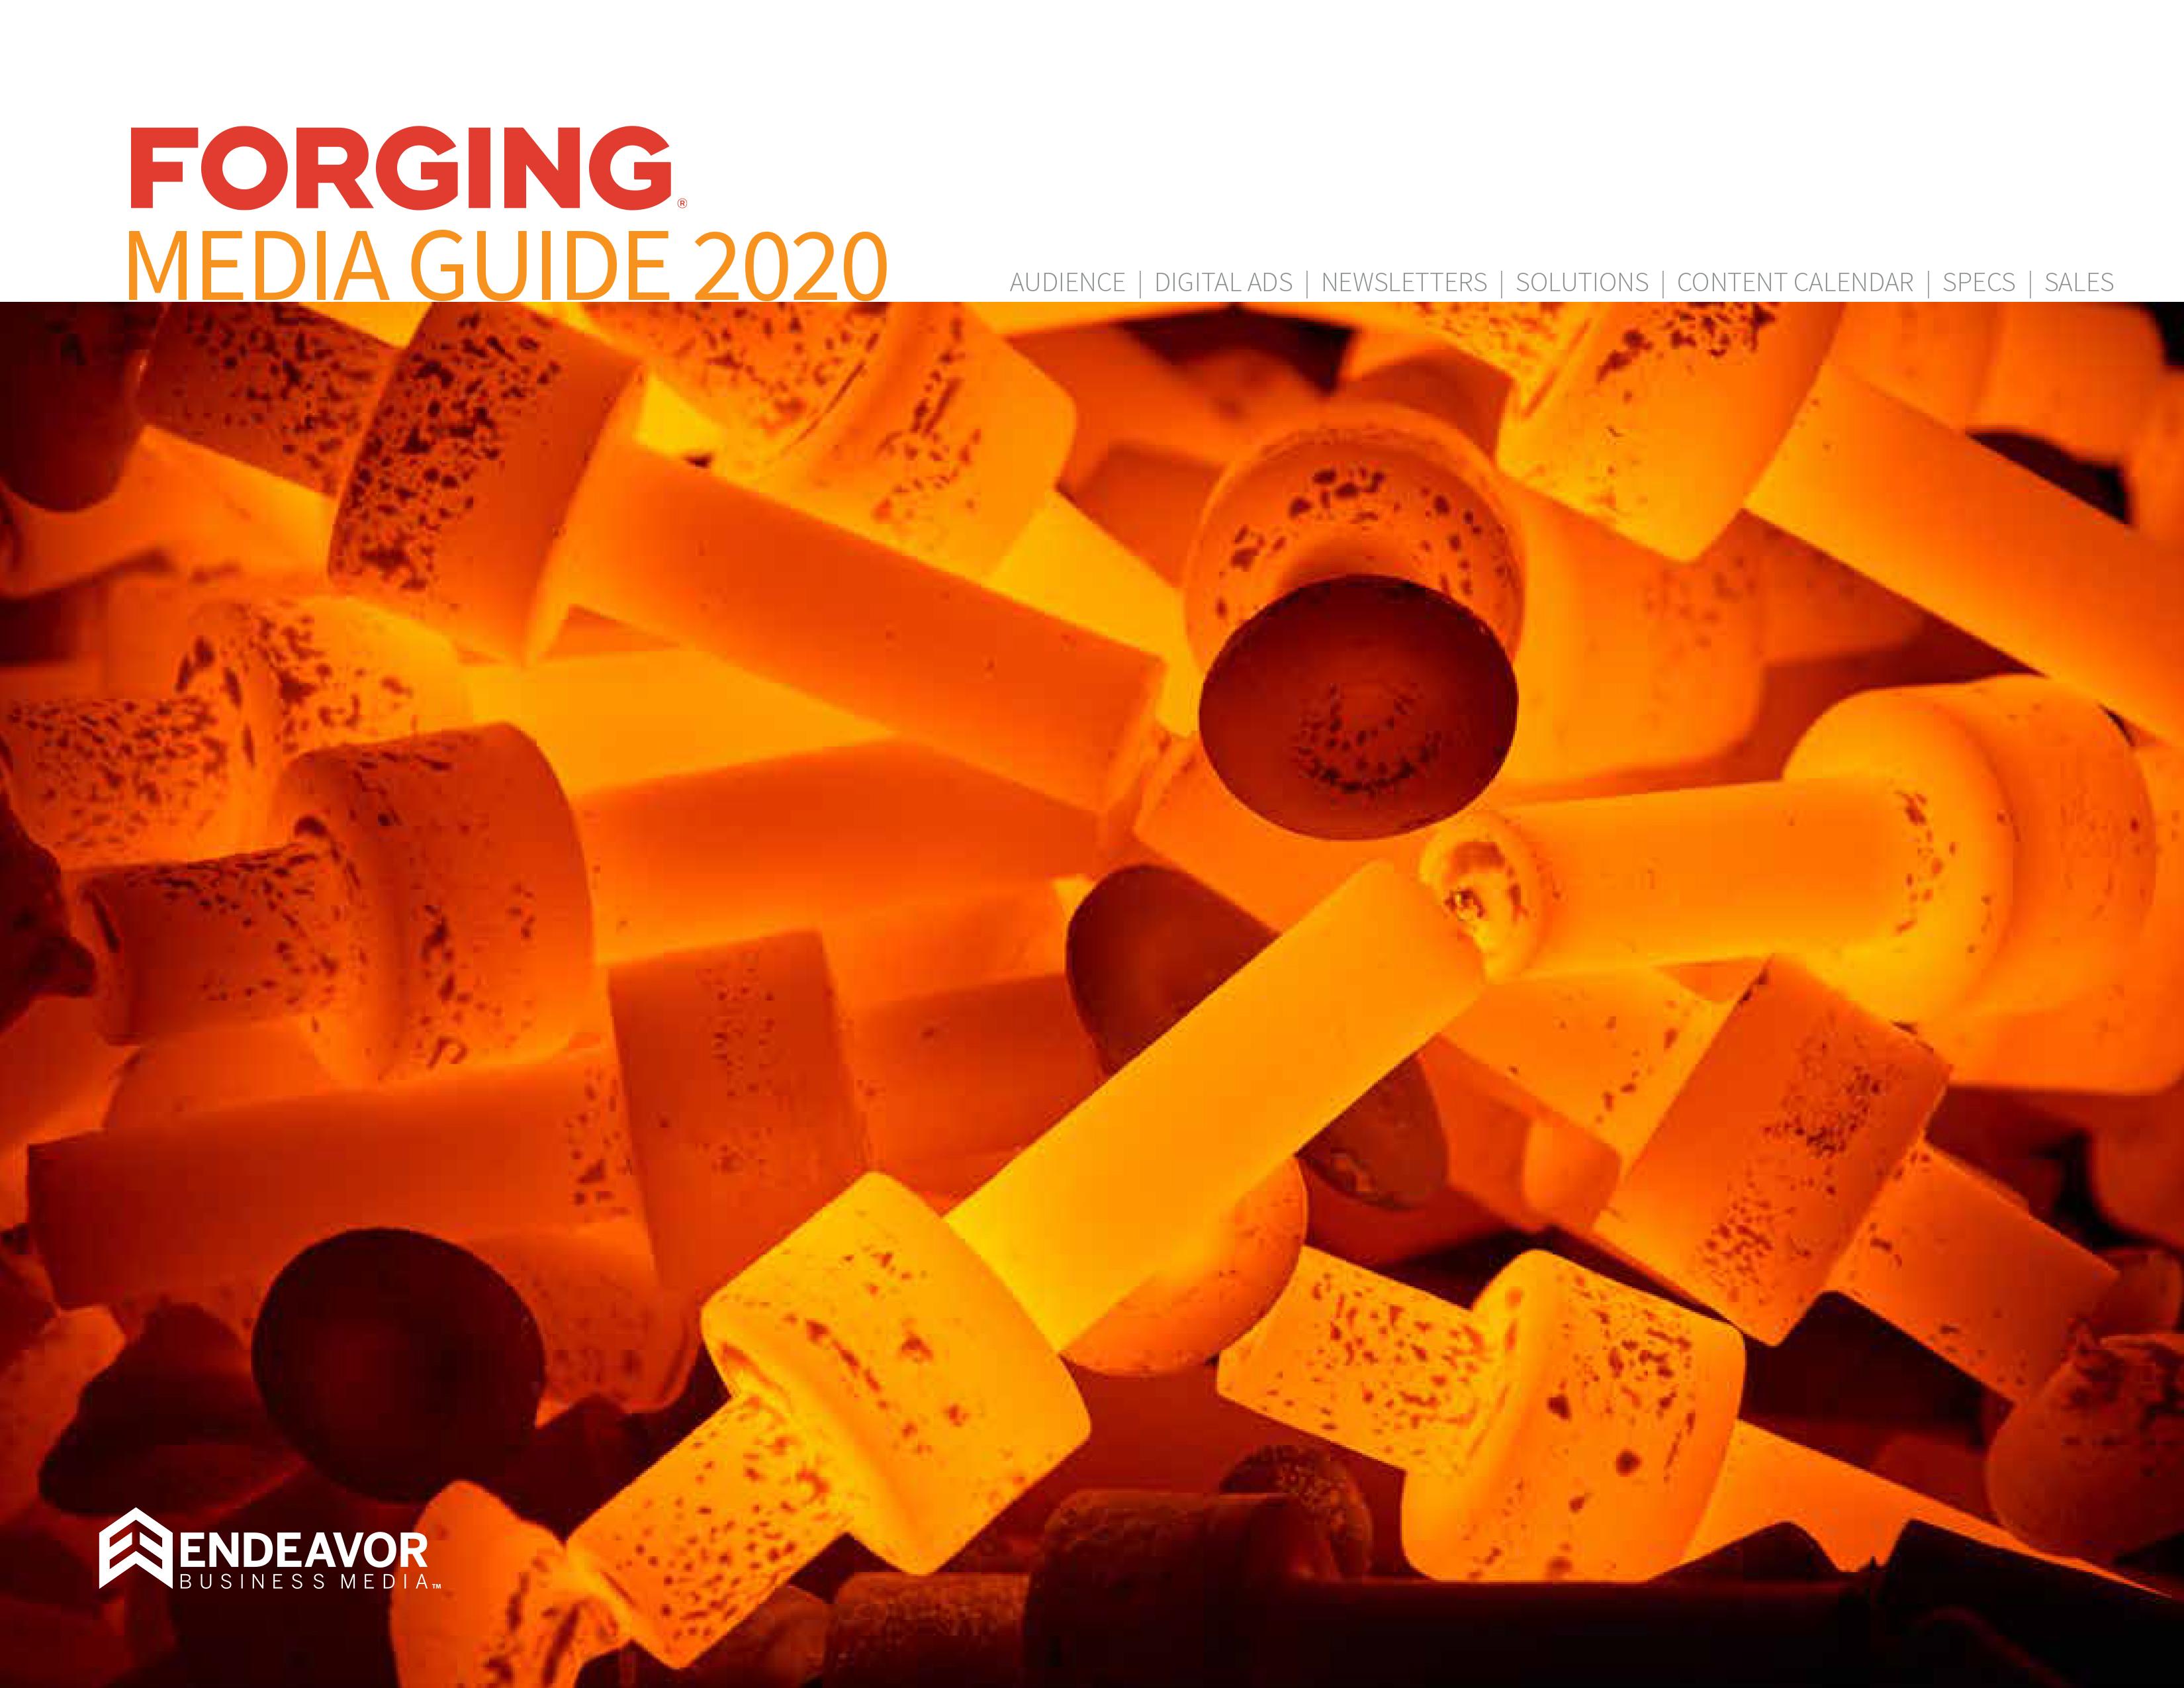 for_mg_thumbnail_2020